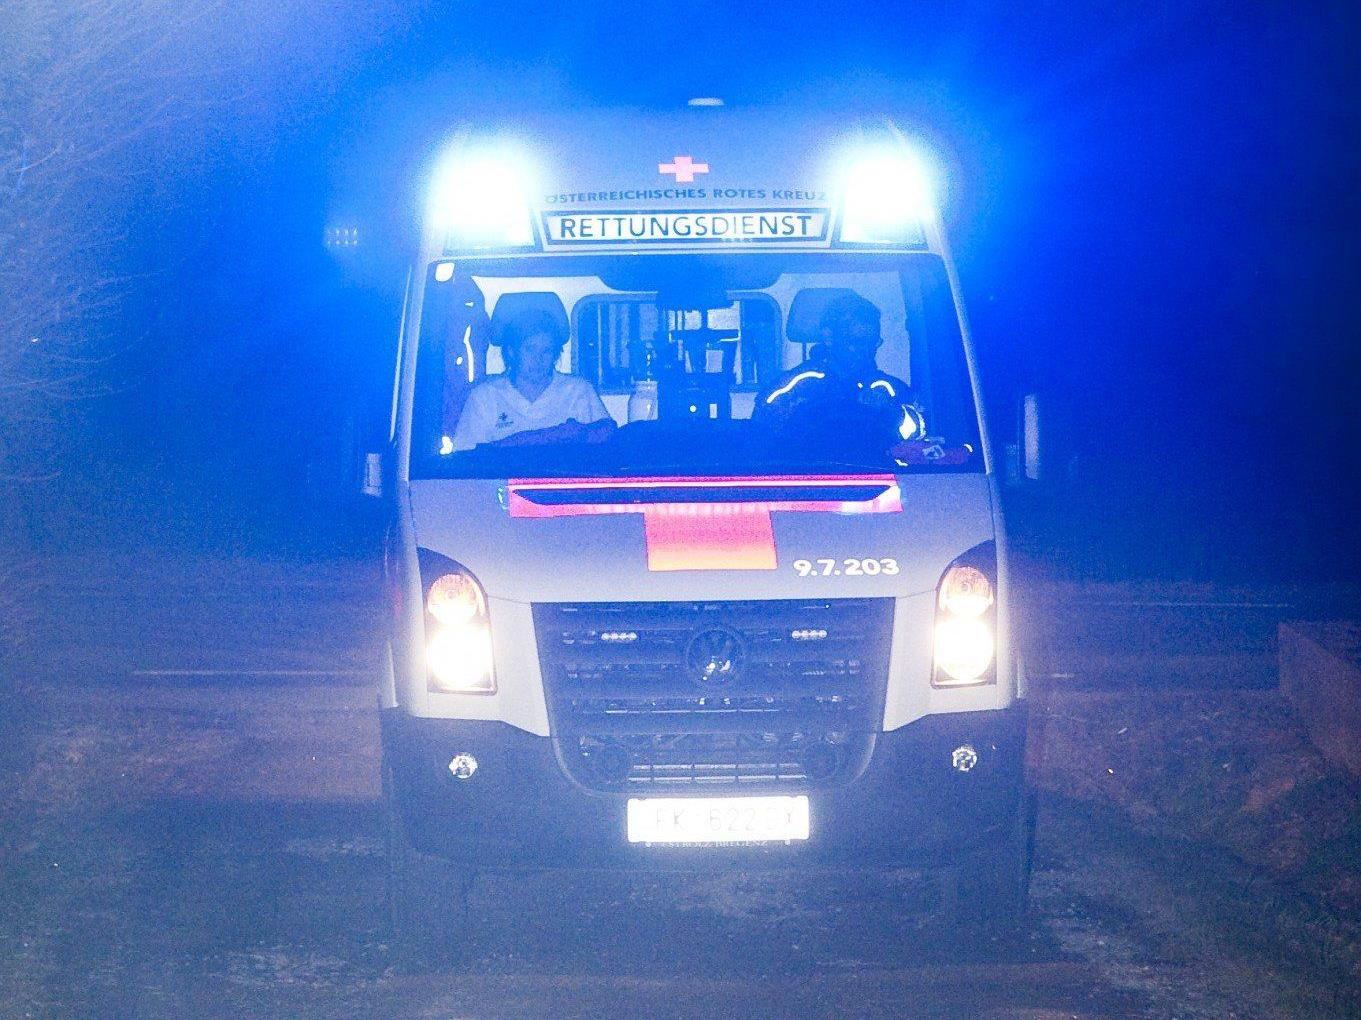 Tragischer Unfall in Doren - 15-Jährige stirbt nach Sturz durch offene Luke.